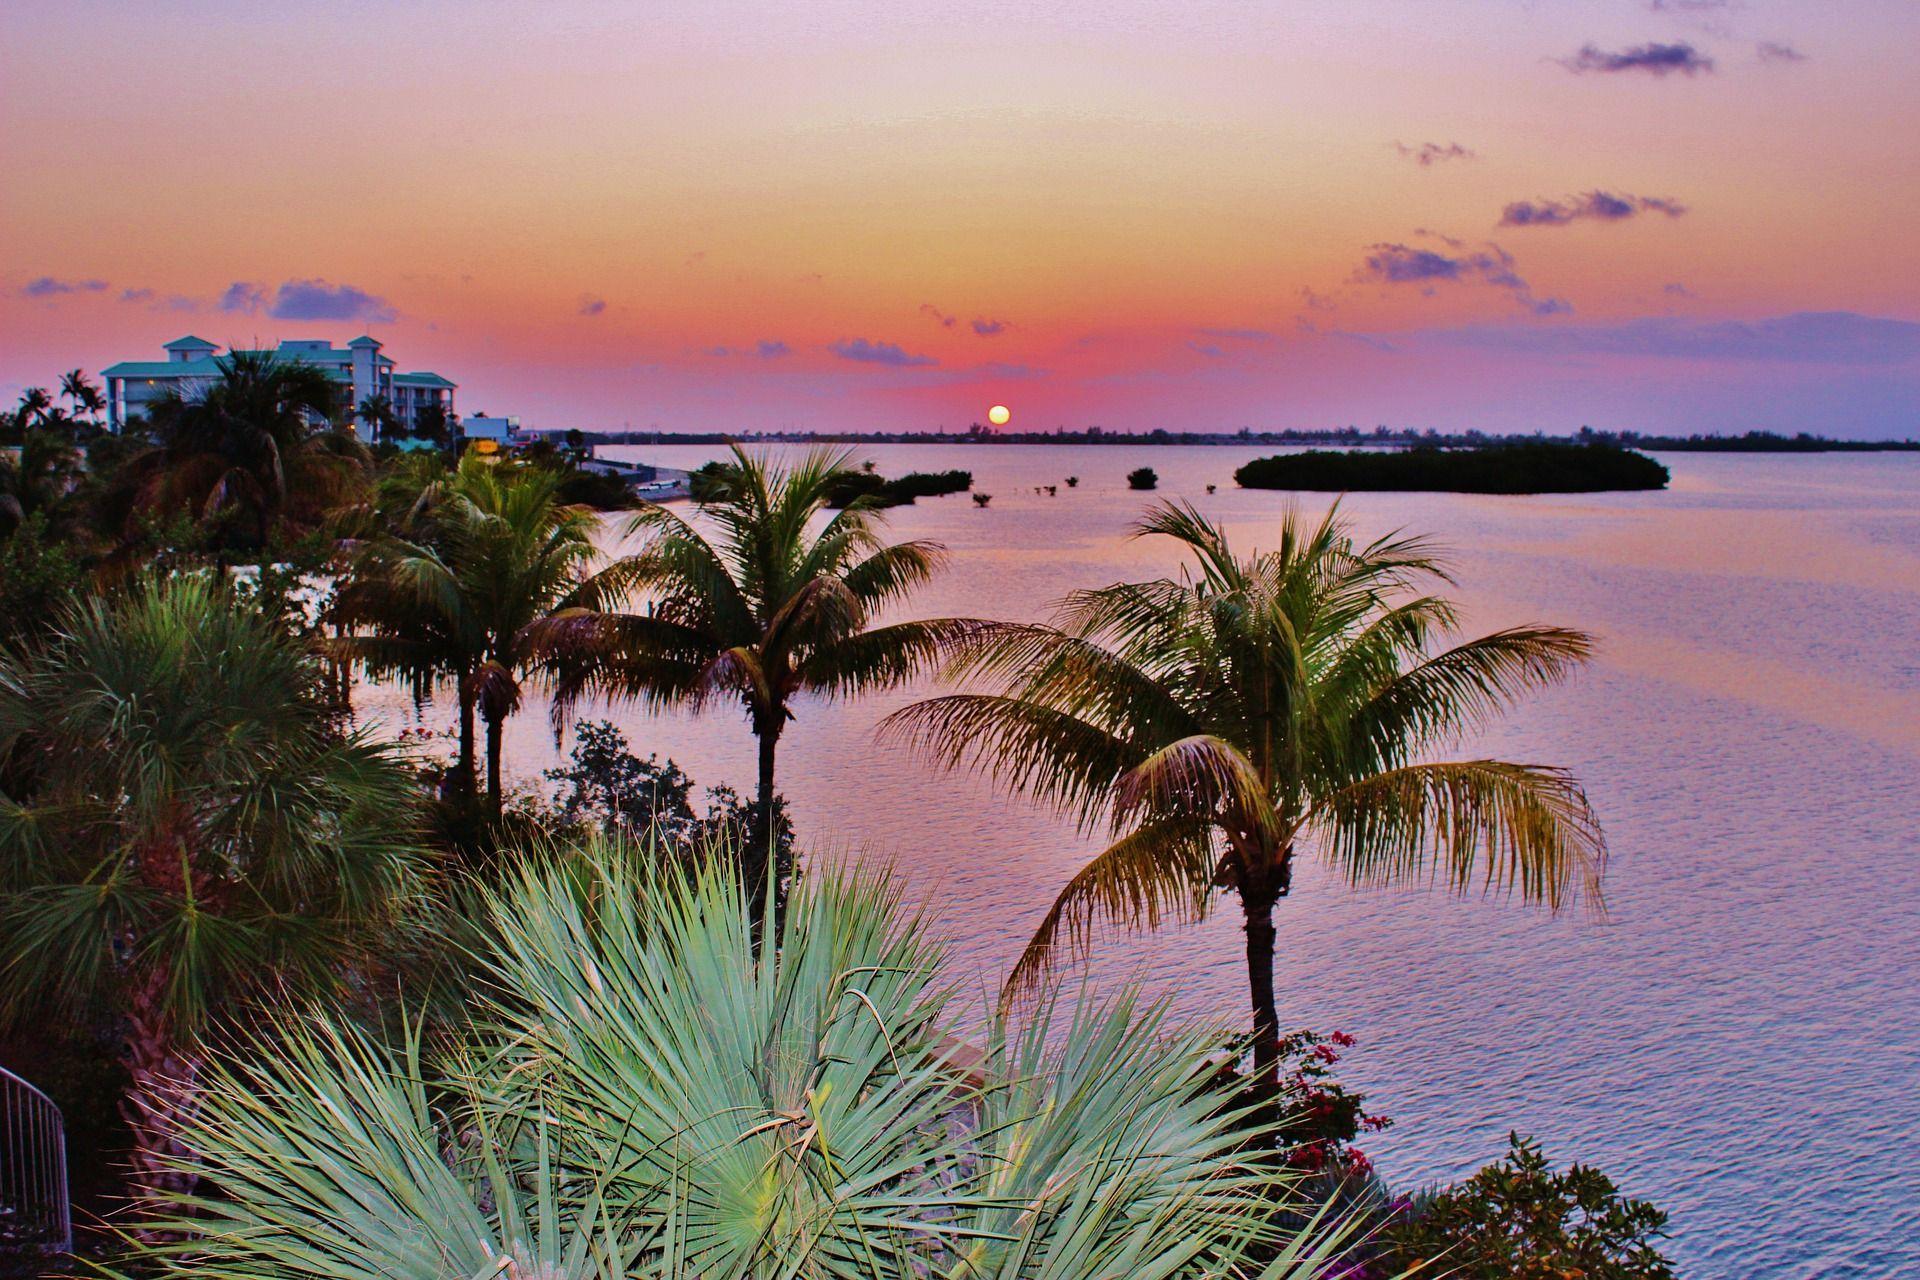 Herrliches Key West: Tagsüber Tauchen, abends gemeinsam mit vielen Besuchern den Sonnenuntergang genießen! Foto: Pixabay